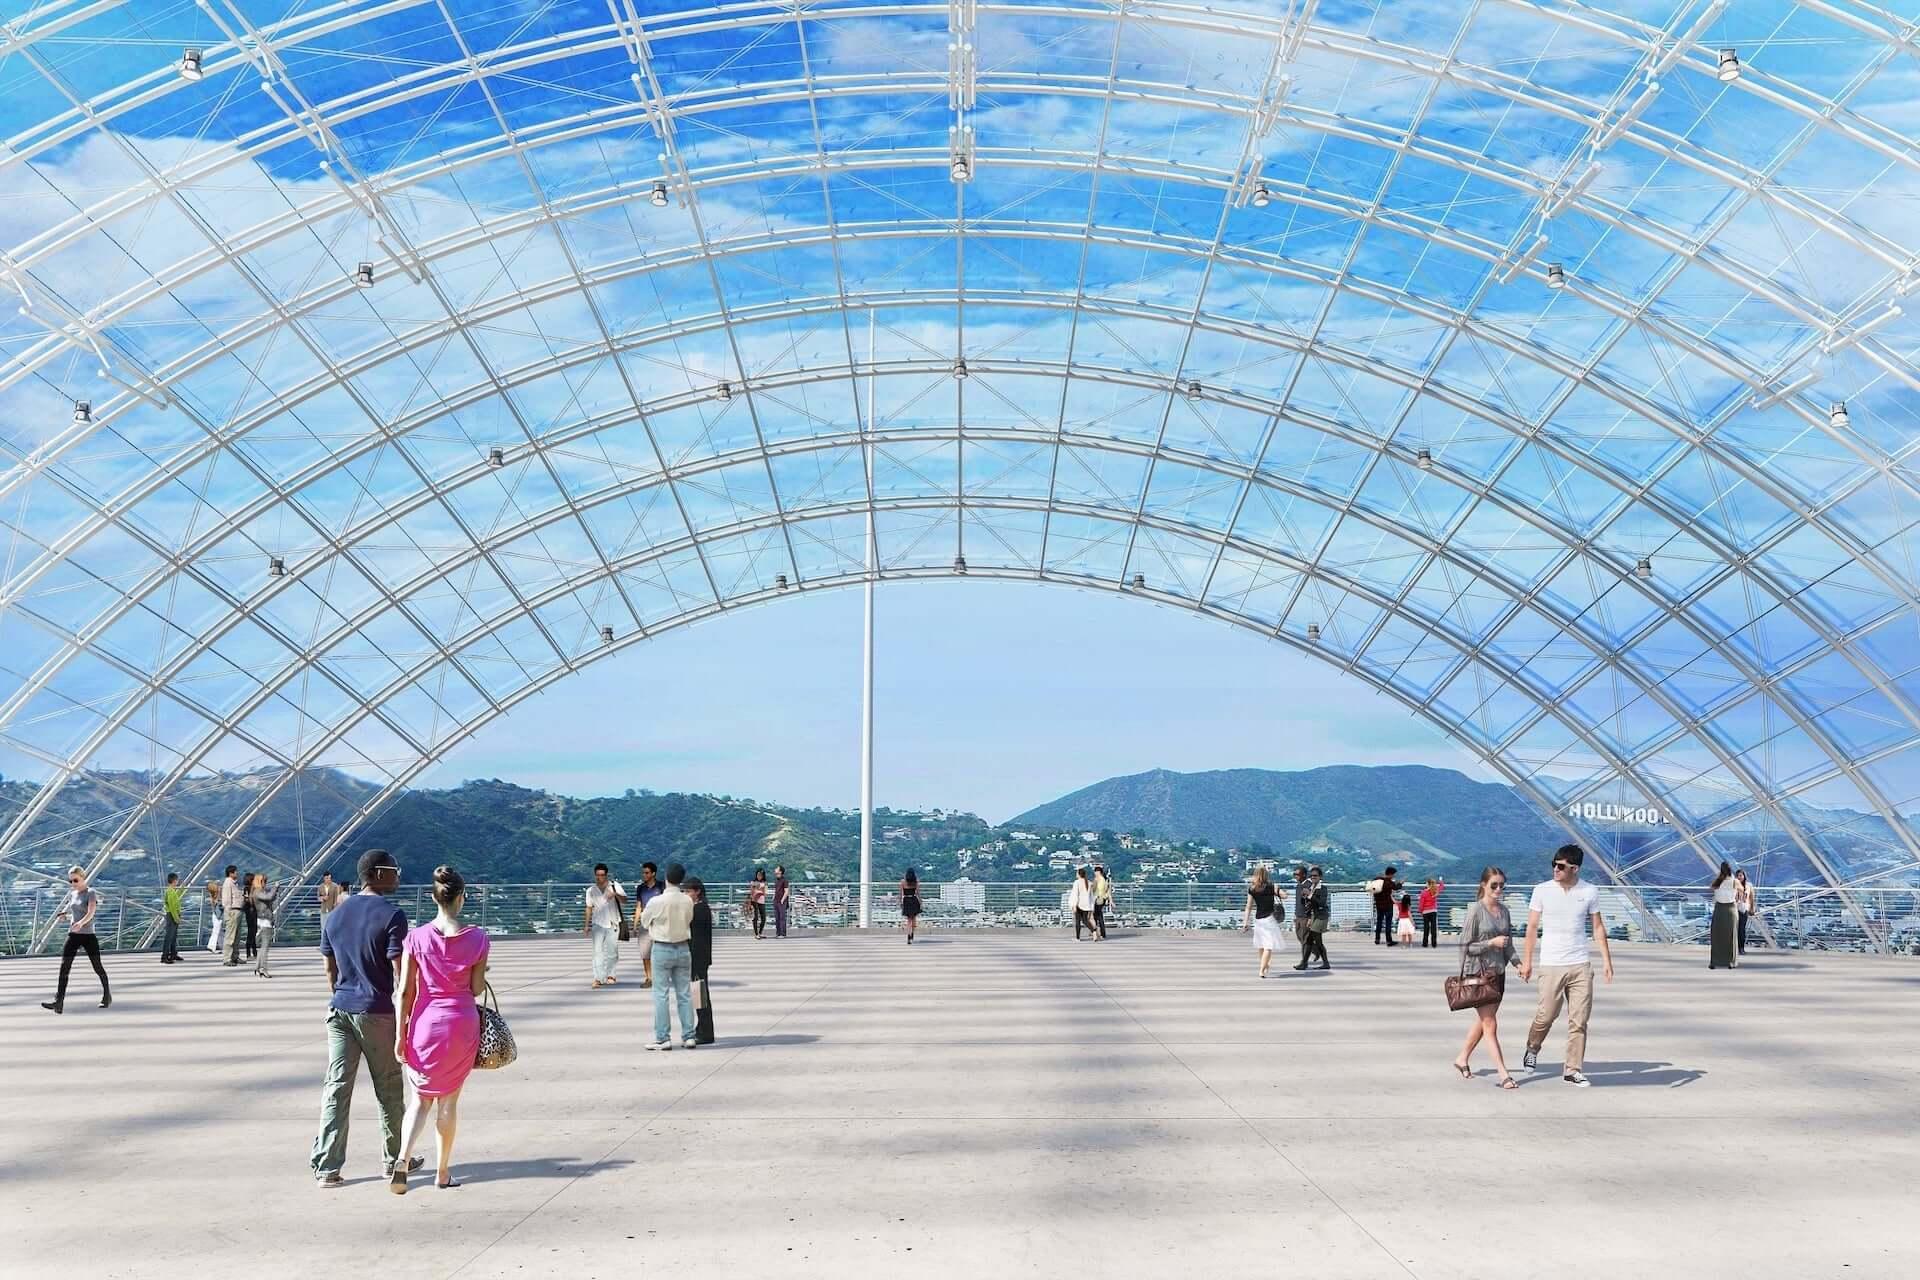 スタジオジブリとアカデミー映画博物館がコラボ!宮崎駿のキャリアを辿る<宮崎駿展>が開催決定&鈴木敏夫のコメントも到着 art200911_hayao-miyazaki_7-1920x1280